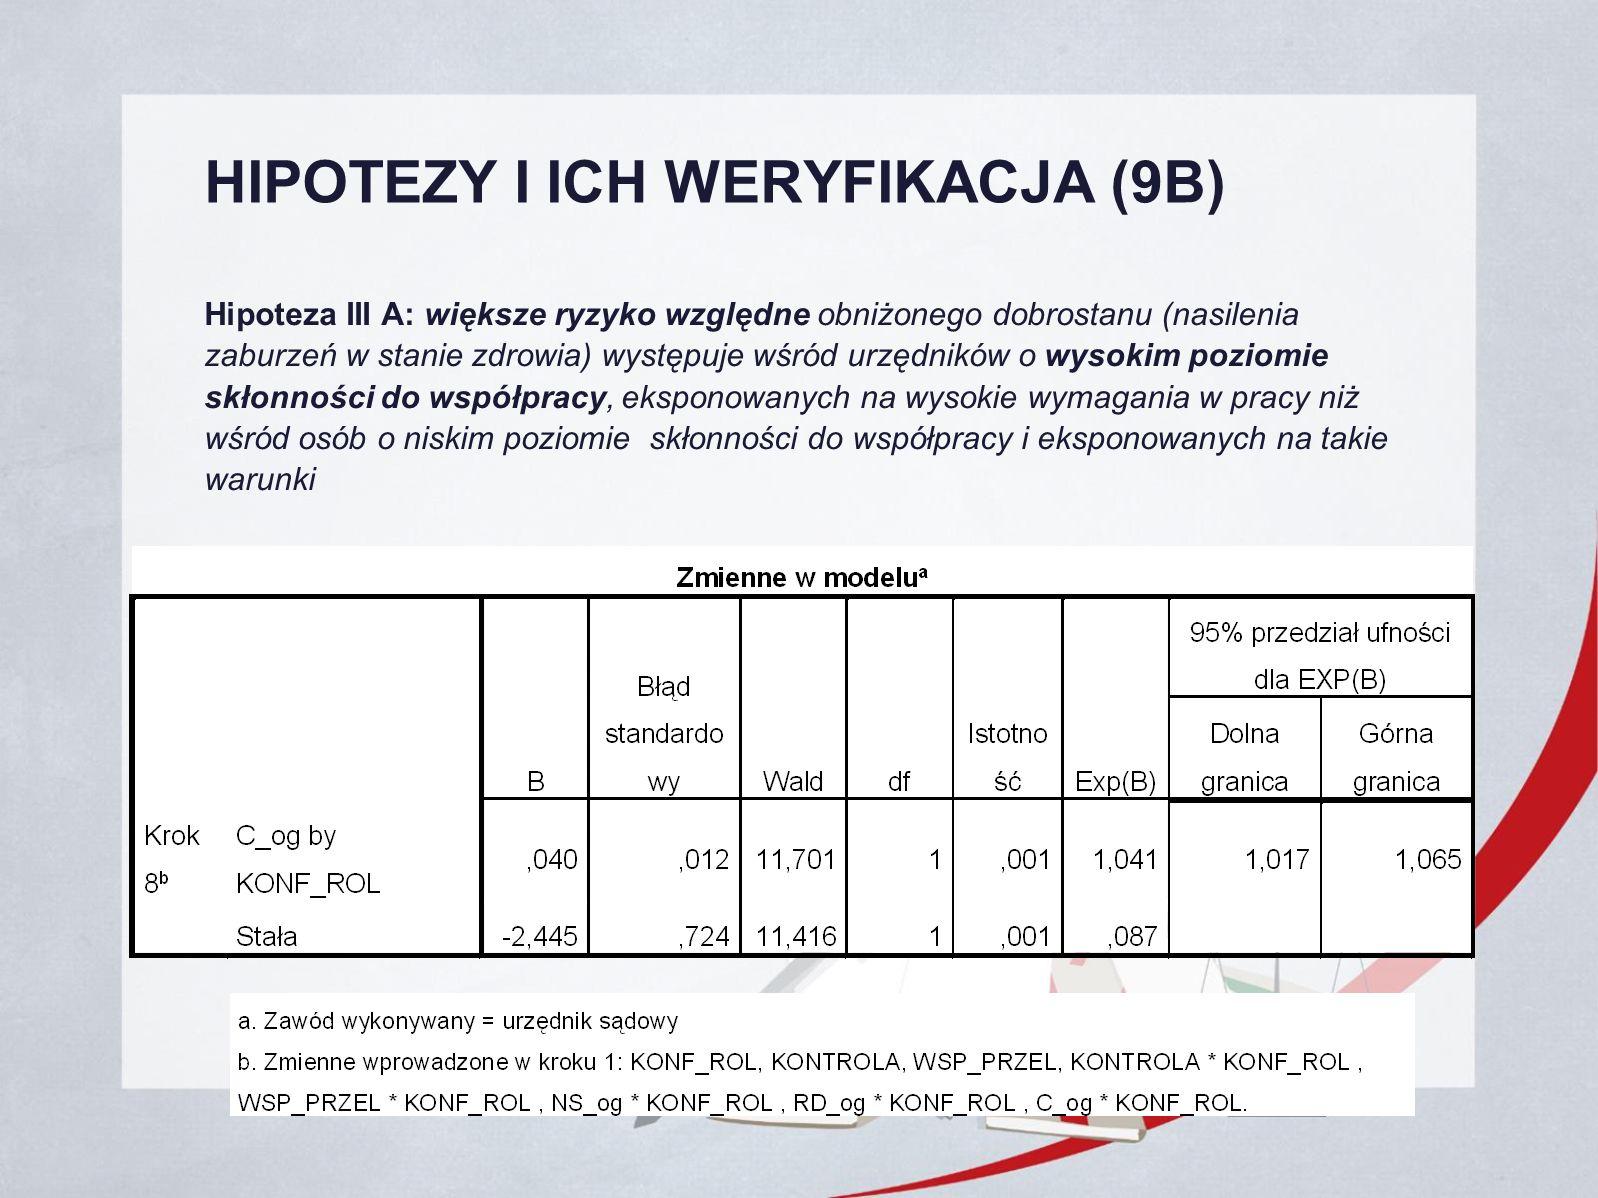 HIPOTEZY I ICH WERYFIKACJA (9B) Hipoteza III A: większe ryzyko względne obniżonego dobrostanu (nasilenia zaburzeń w stanie zdrowia) występuje wśród urzędników o wysokim poziomie skłonności do współpracy, eksponowanych na wysokie wymagania w pracy niż wśród osób o niskim poziomie skłonności do współpracy i eksponowanych na takie warunki